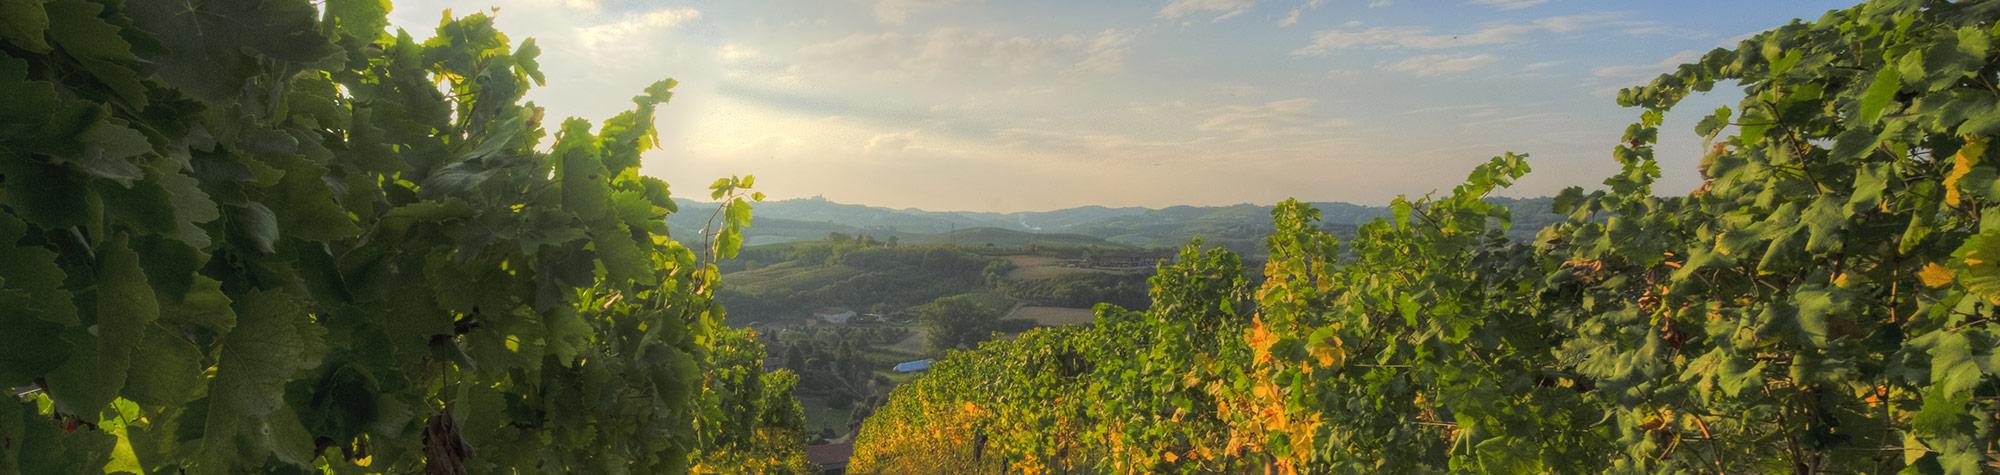 Affittacamere | Turismo in Piemonte